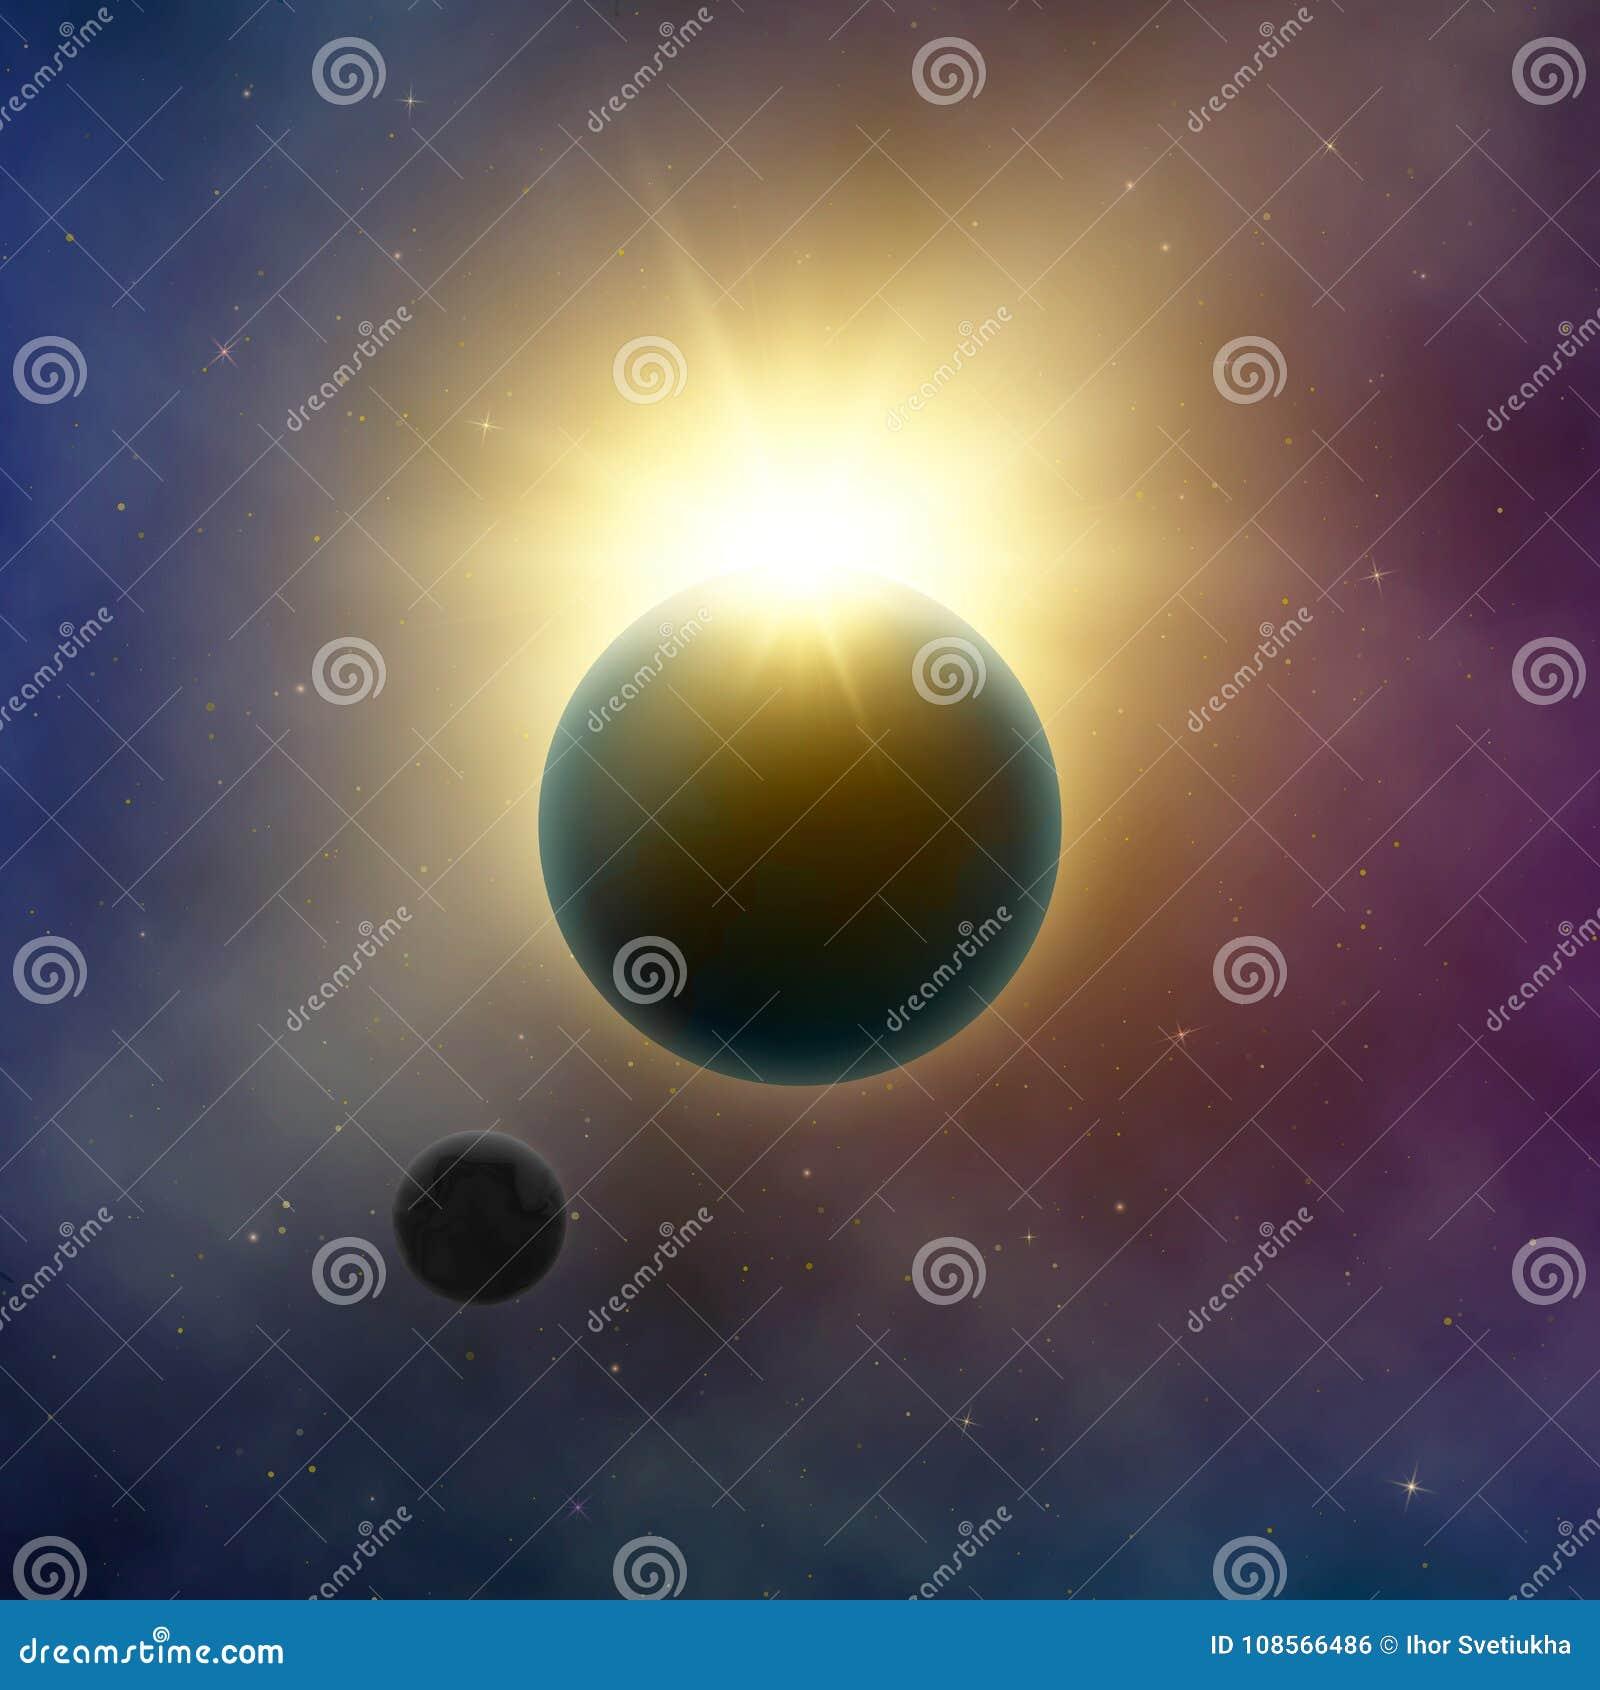 抽象银河星系 背景黑色设计太阳蚀的例证 在行星地球和月亮后的太阳亮光 满天星斗的夜空 向量背景